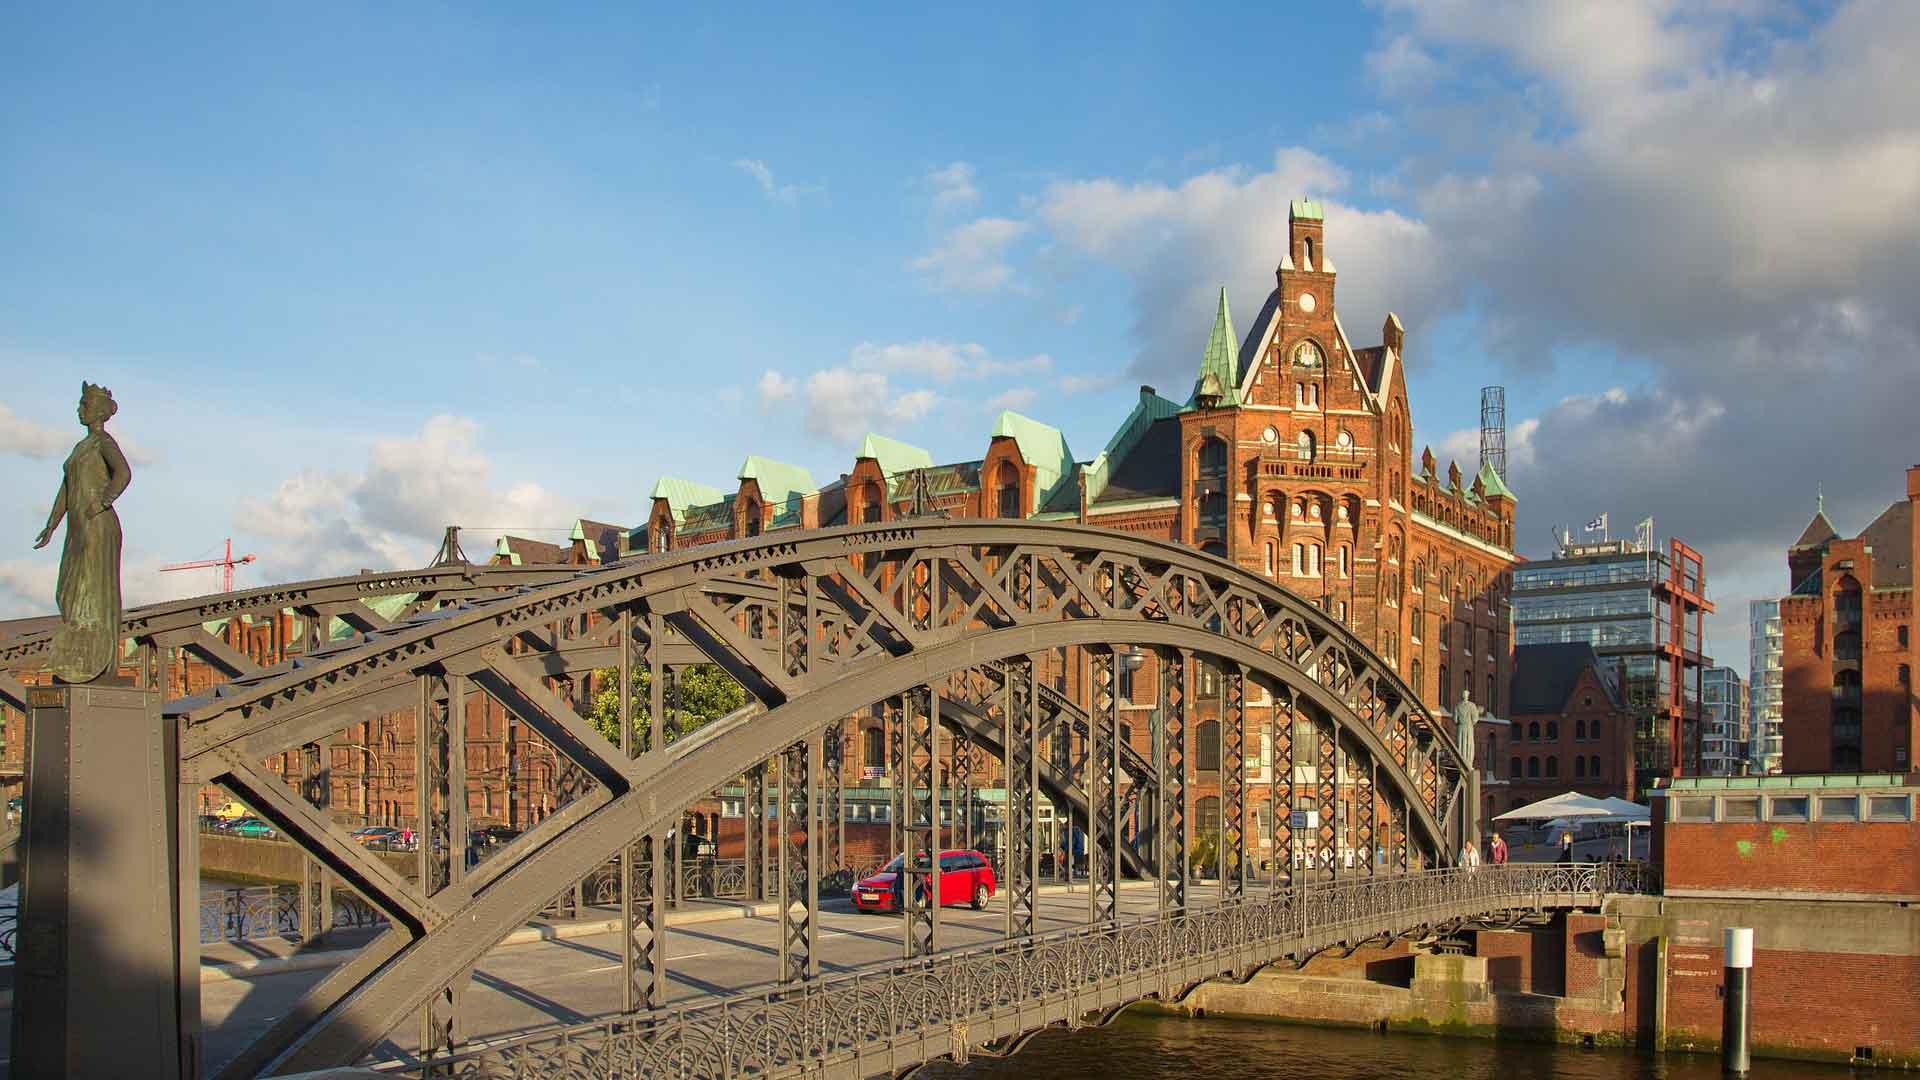 Een van de bruggen die naar de Speicherstadt in Hamburg voert.